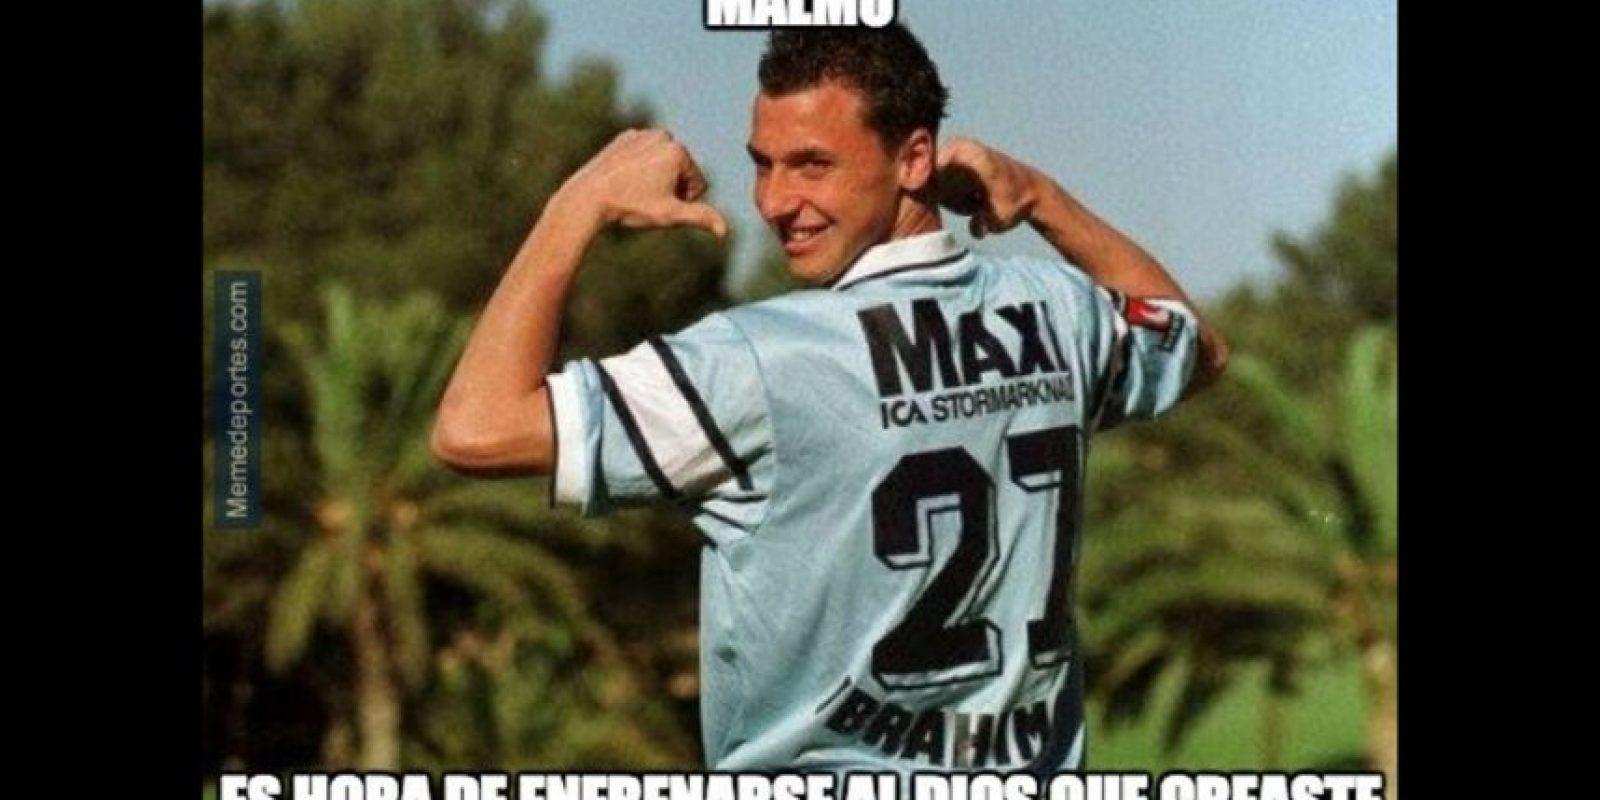 """Otro """"reencuentro"""" esperado fue el de Zlatan, que se enfrentó a su club de origen, el Malmo FF. Foto:memedeportes.com"""